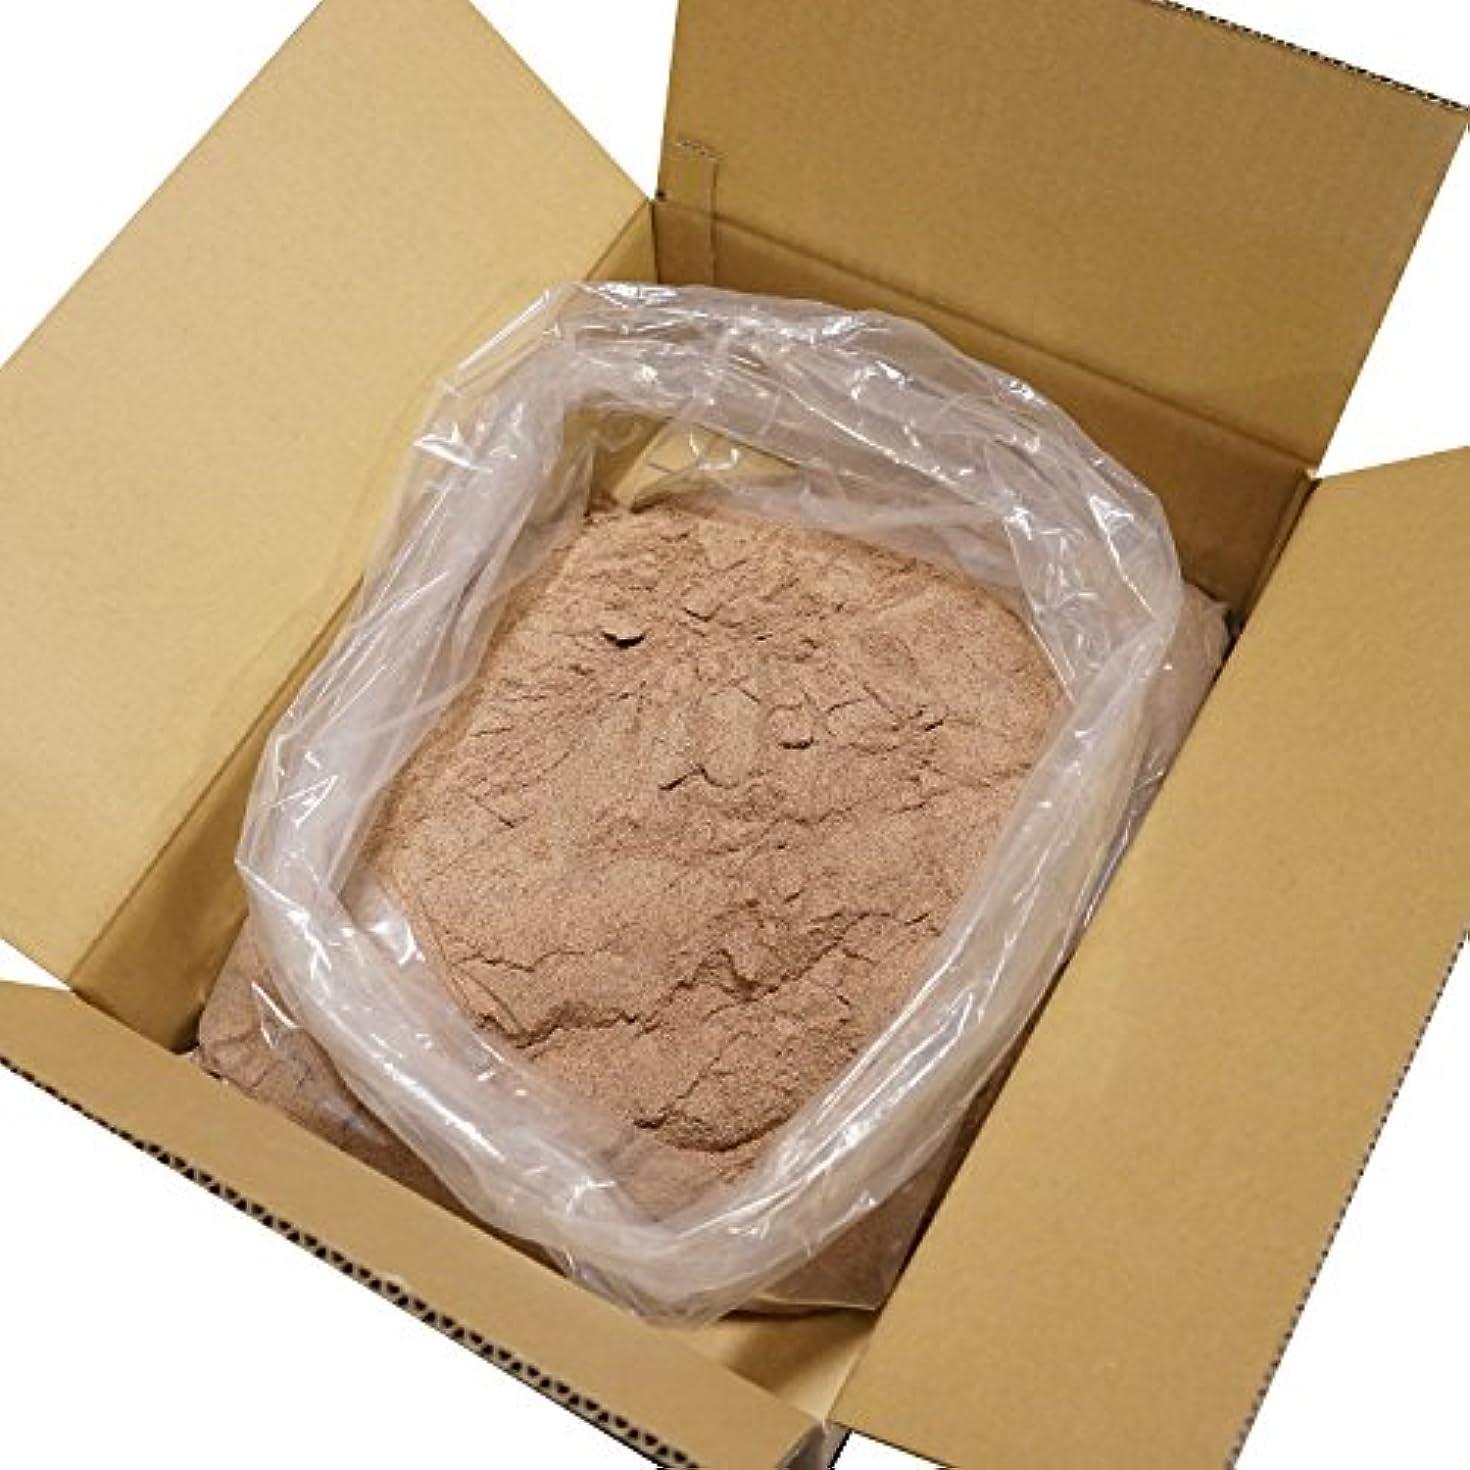 絶縁するフロント負ヒマラヤ 岩塩 ブラック パウダー 細粒タイプ 業務用 原料 (5kg)